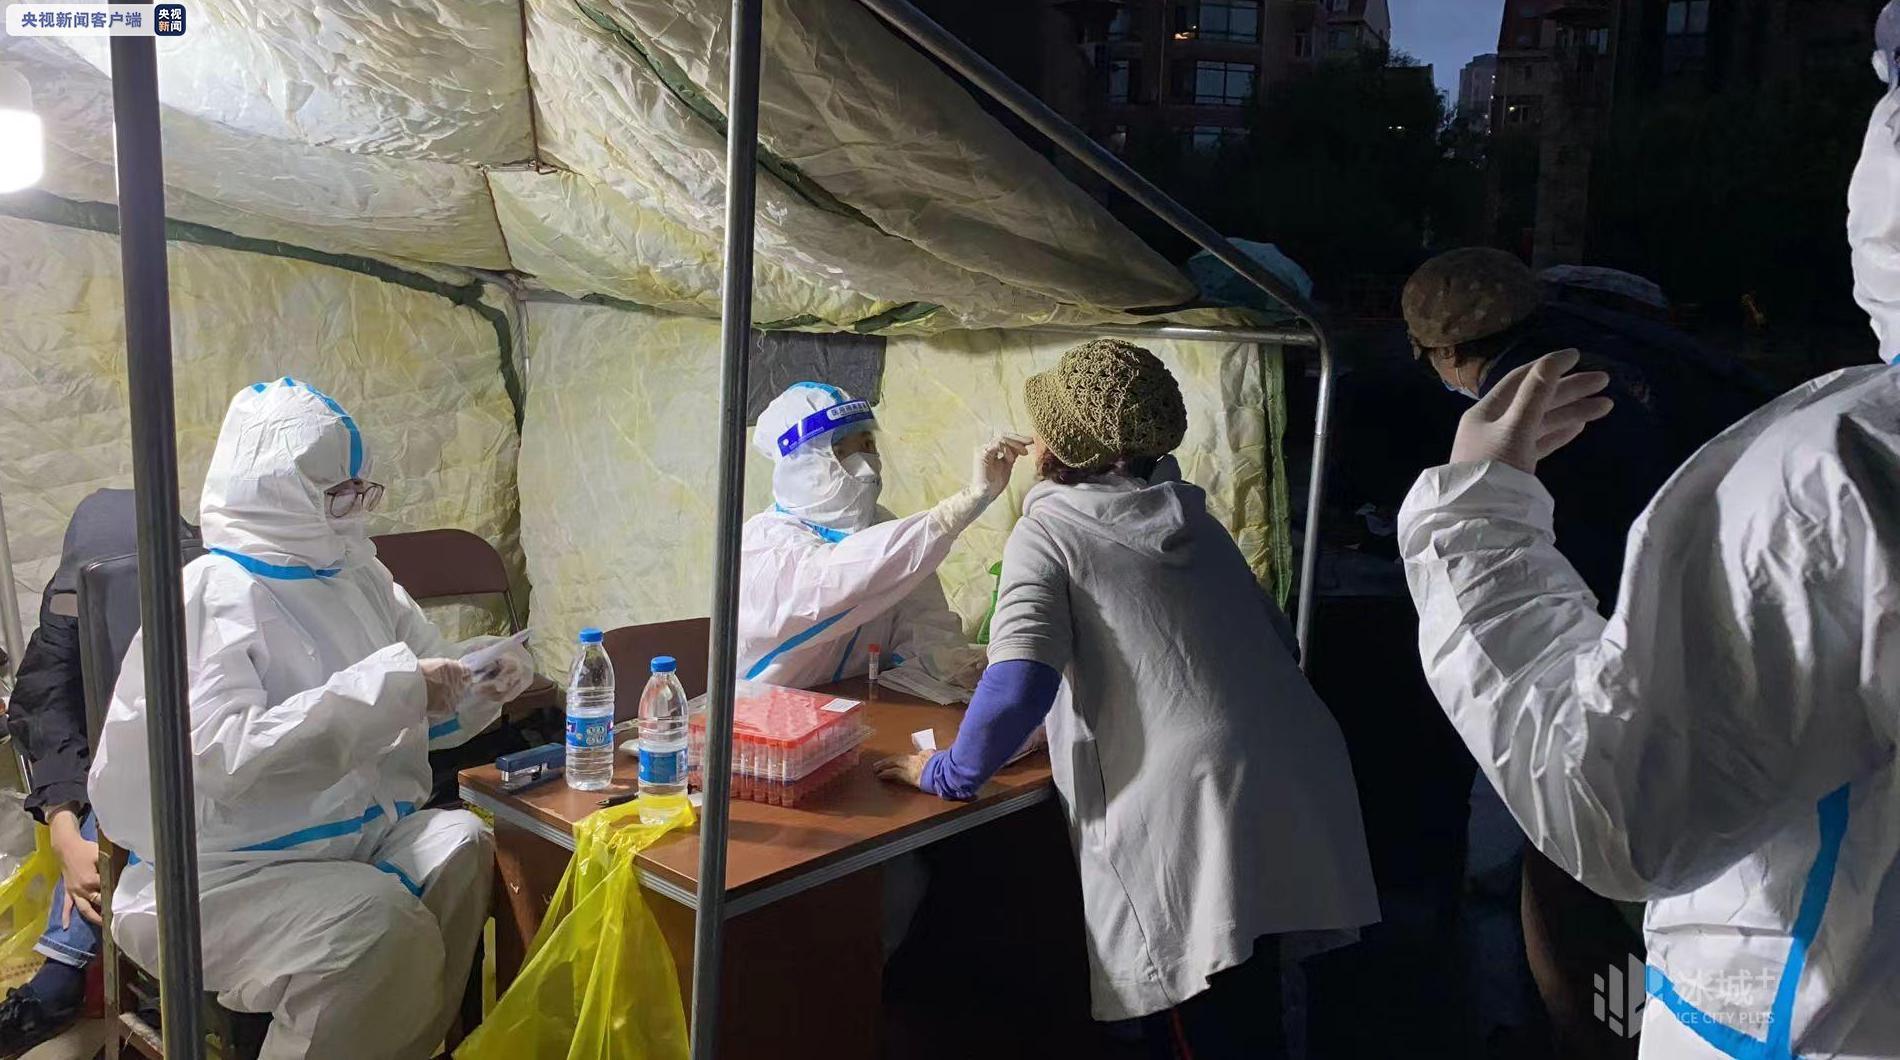 哈医大一院派出541人医疗队 支援抗疫一线